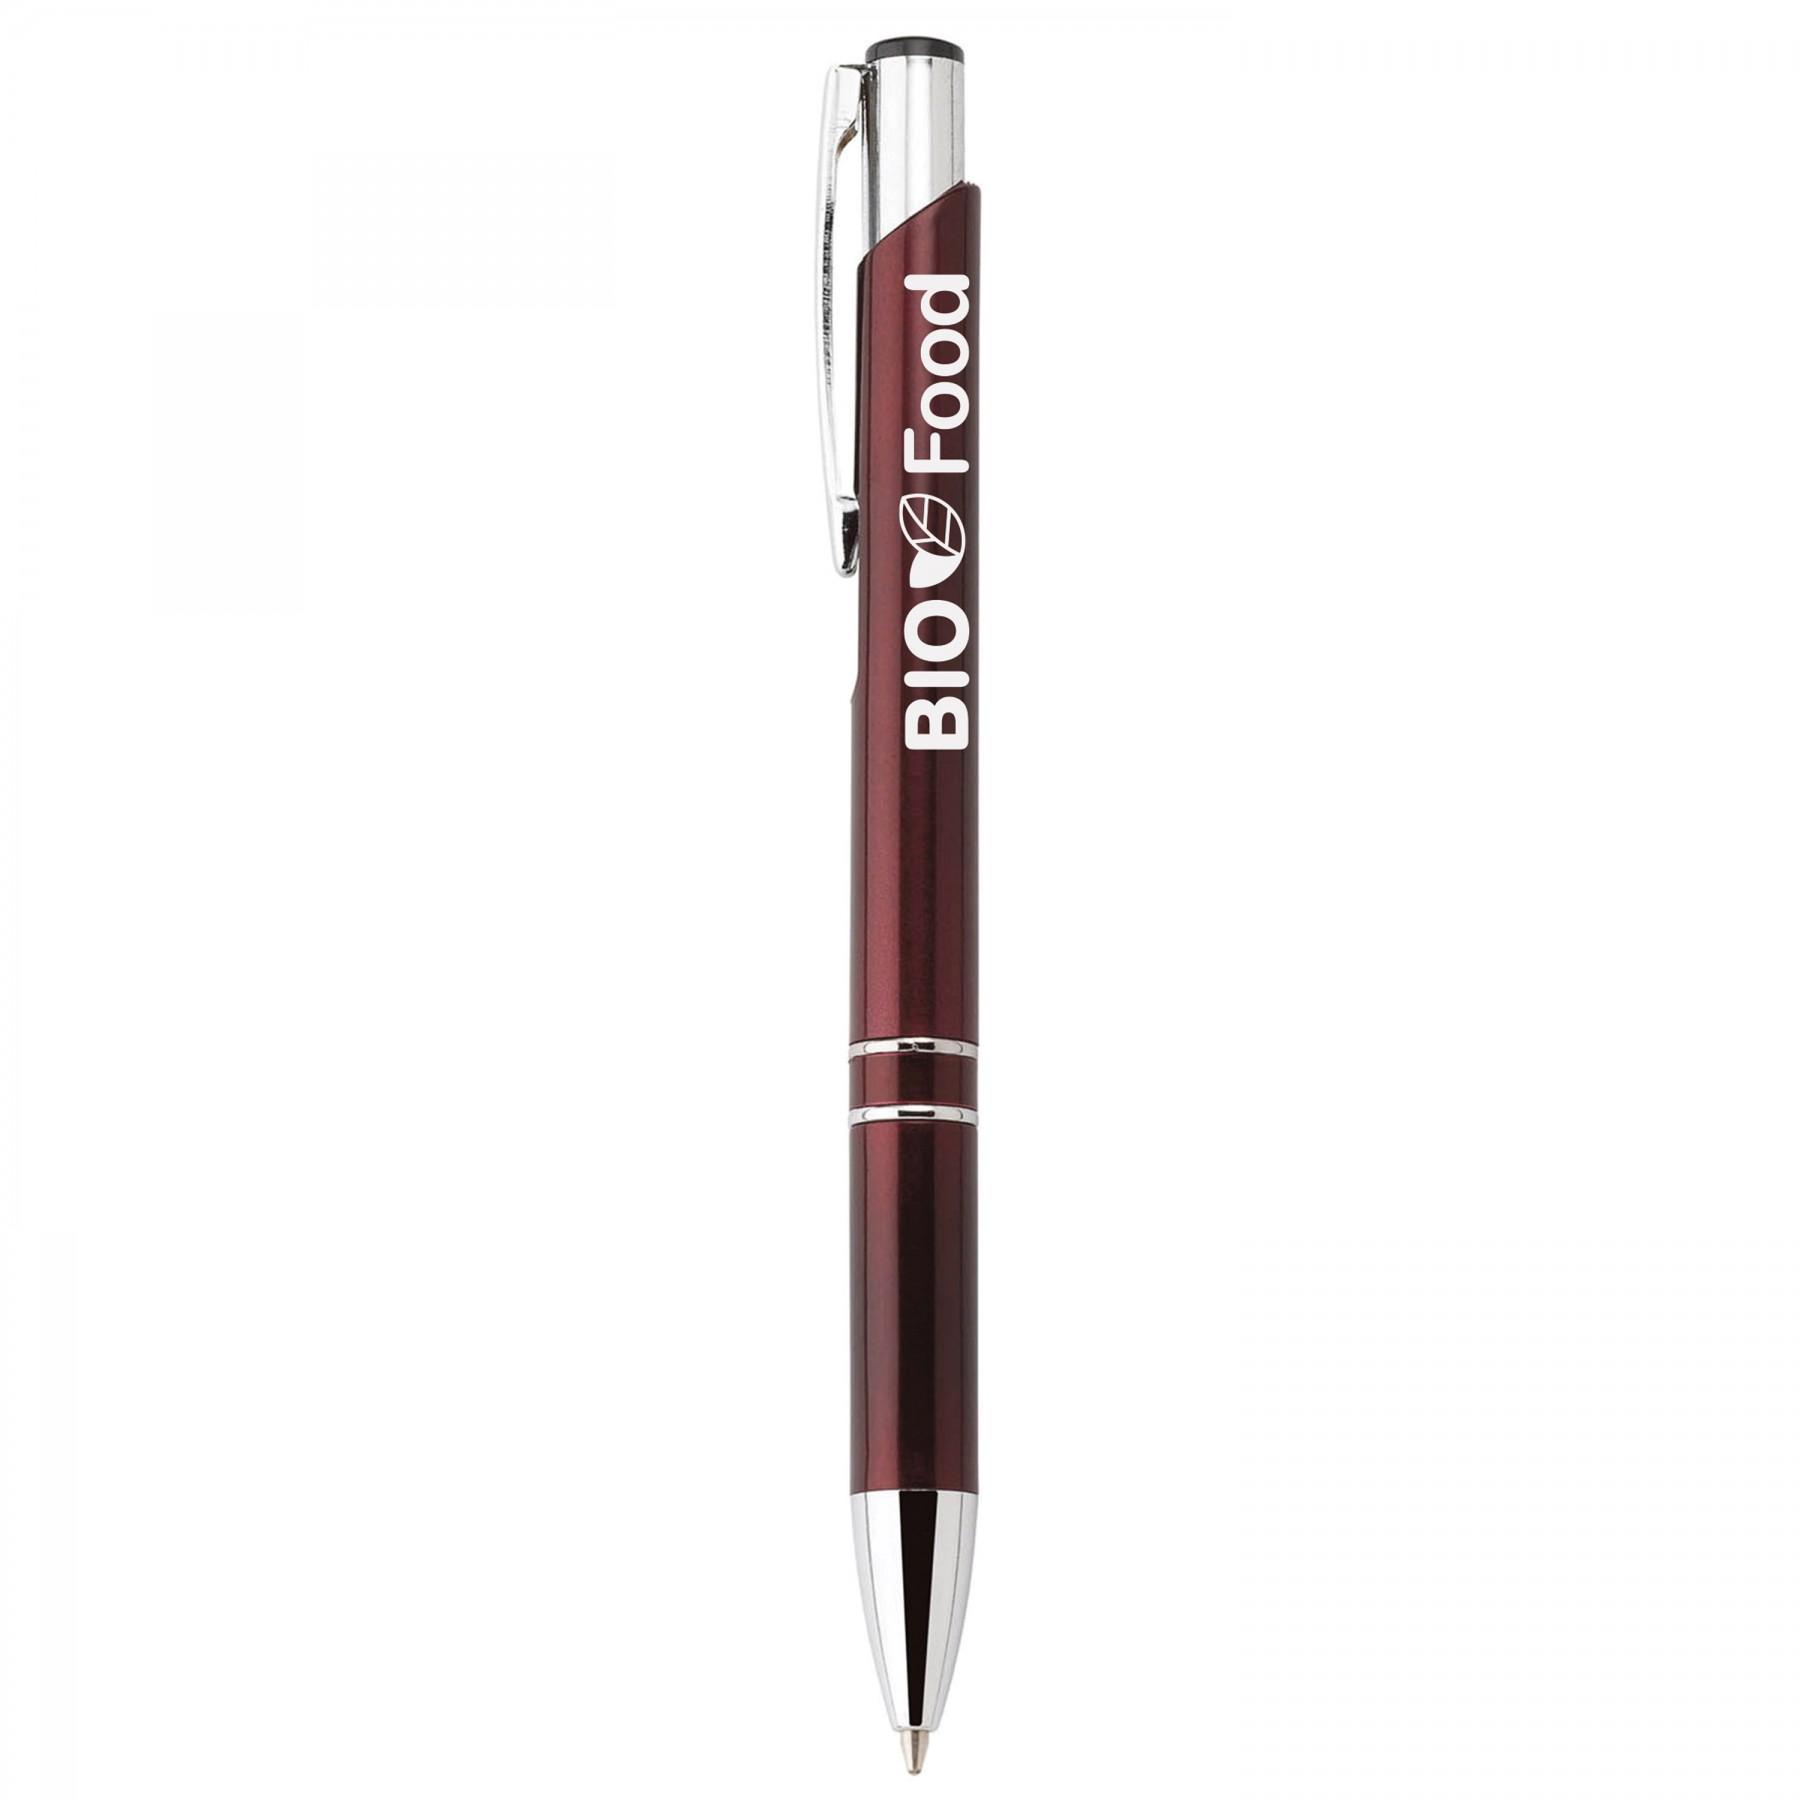 Ali Ballpoint Pen, G3038, Laser Engraved